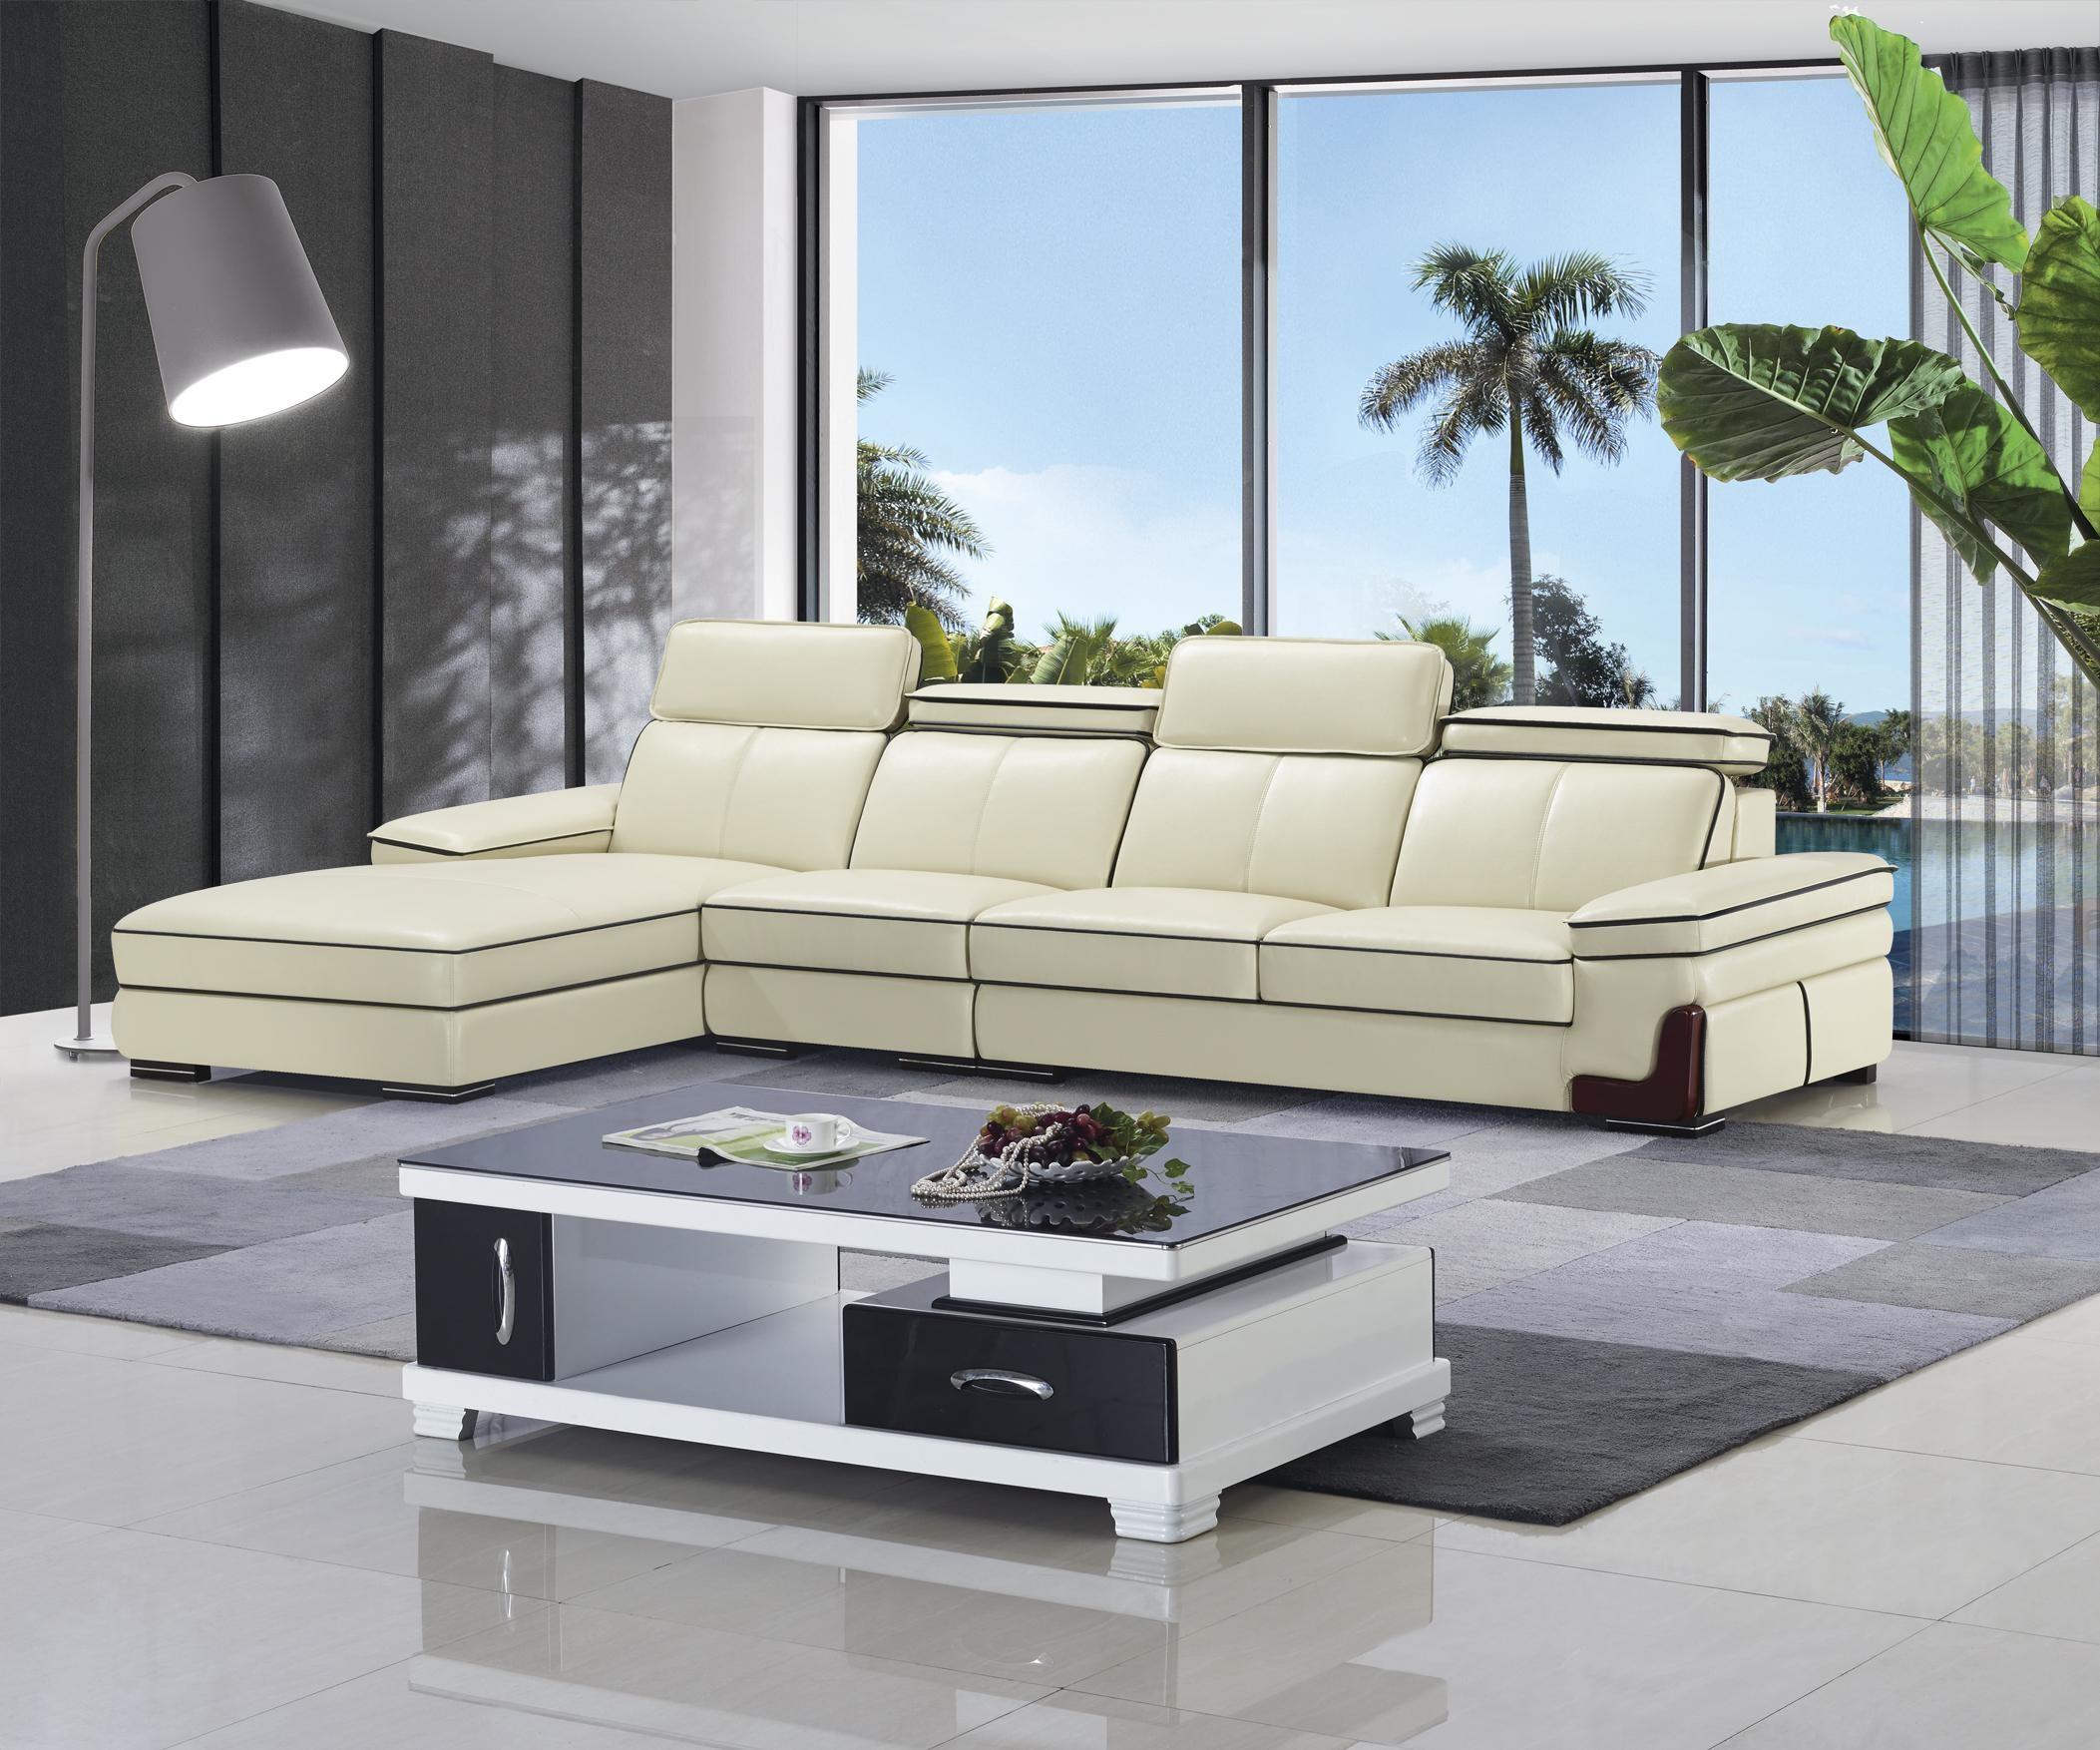 Arredamenti mobili camera da letto soggiorno cucina divani - Mobili usati palermo camera da letto ...